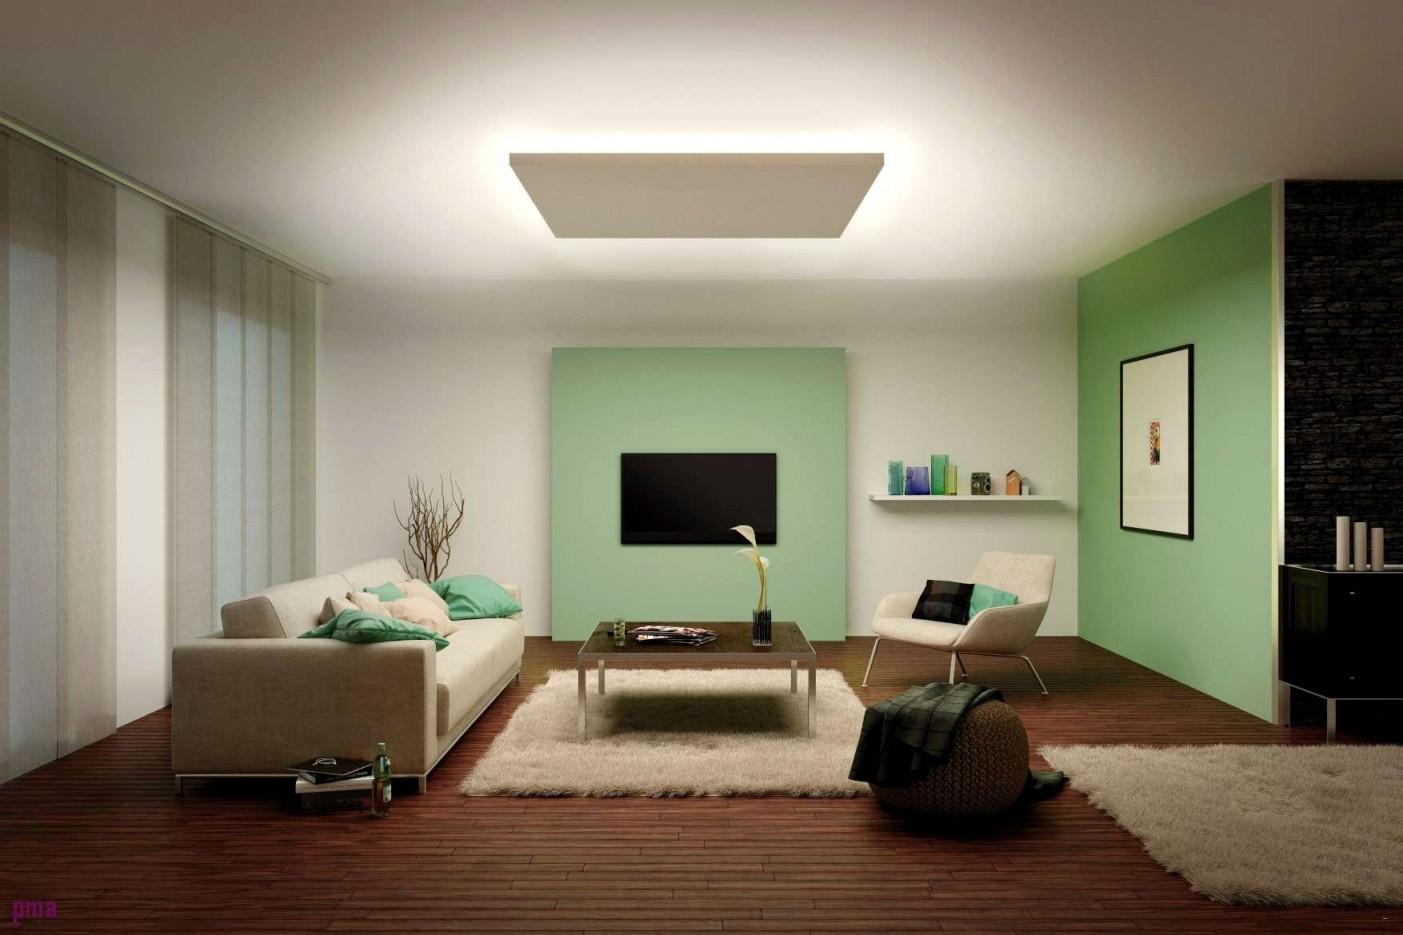 Coole Lampen Wohnzimmer von Coole Wohnzimmer Lampe Photo